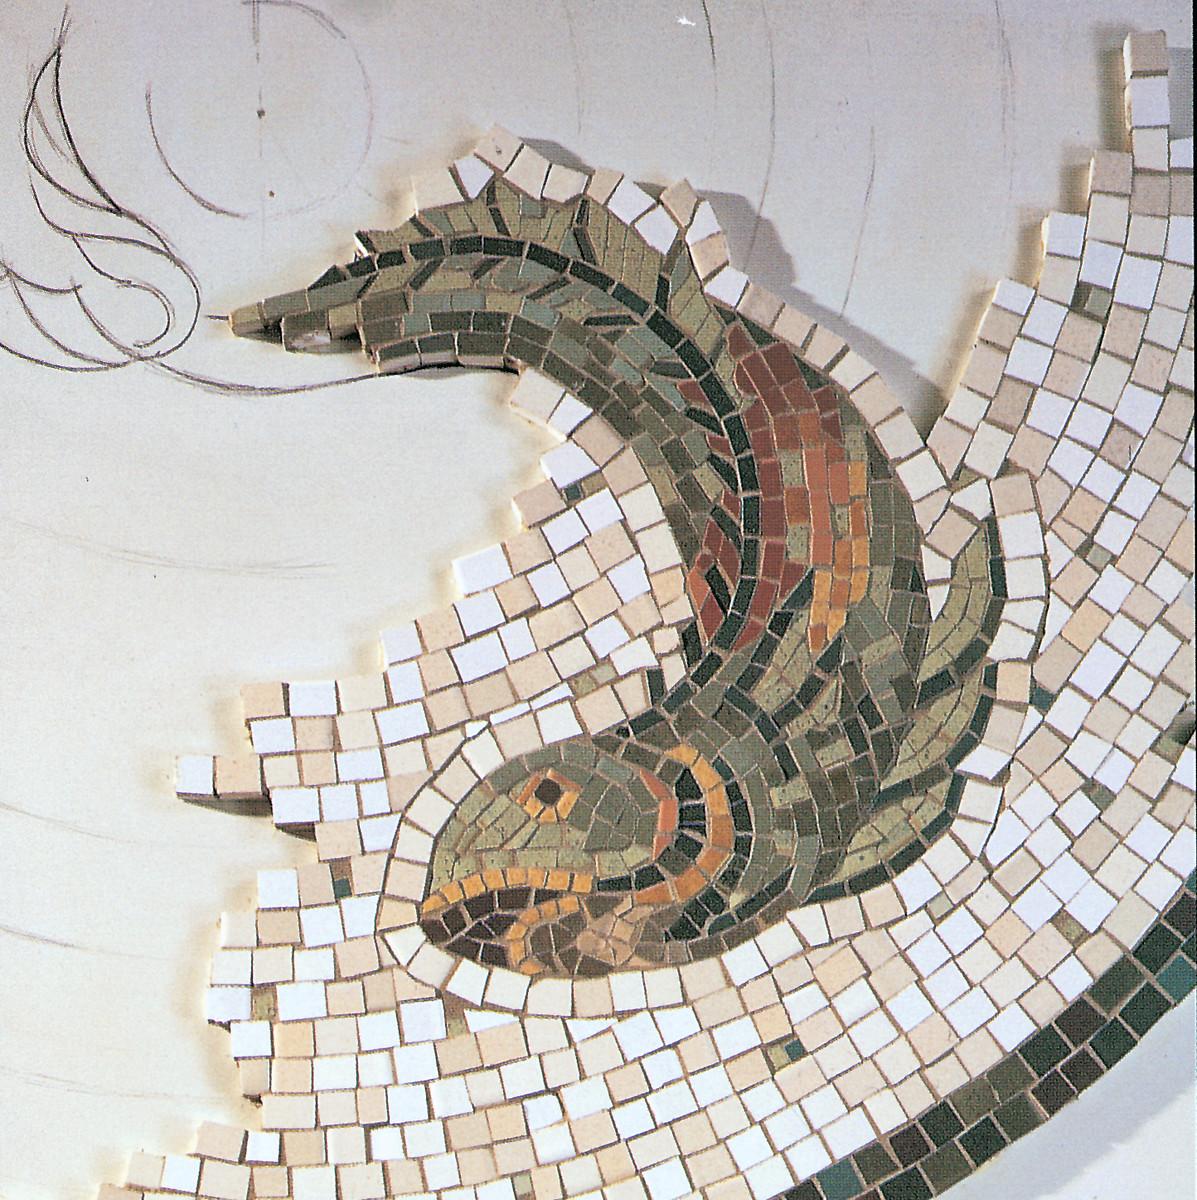 Mosaic tile by Ann Sacks.